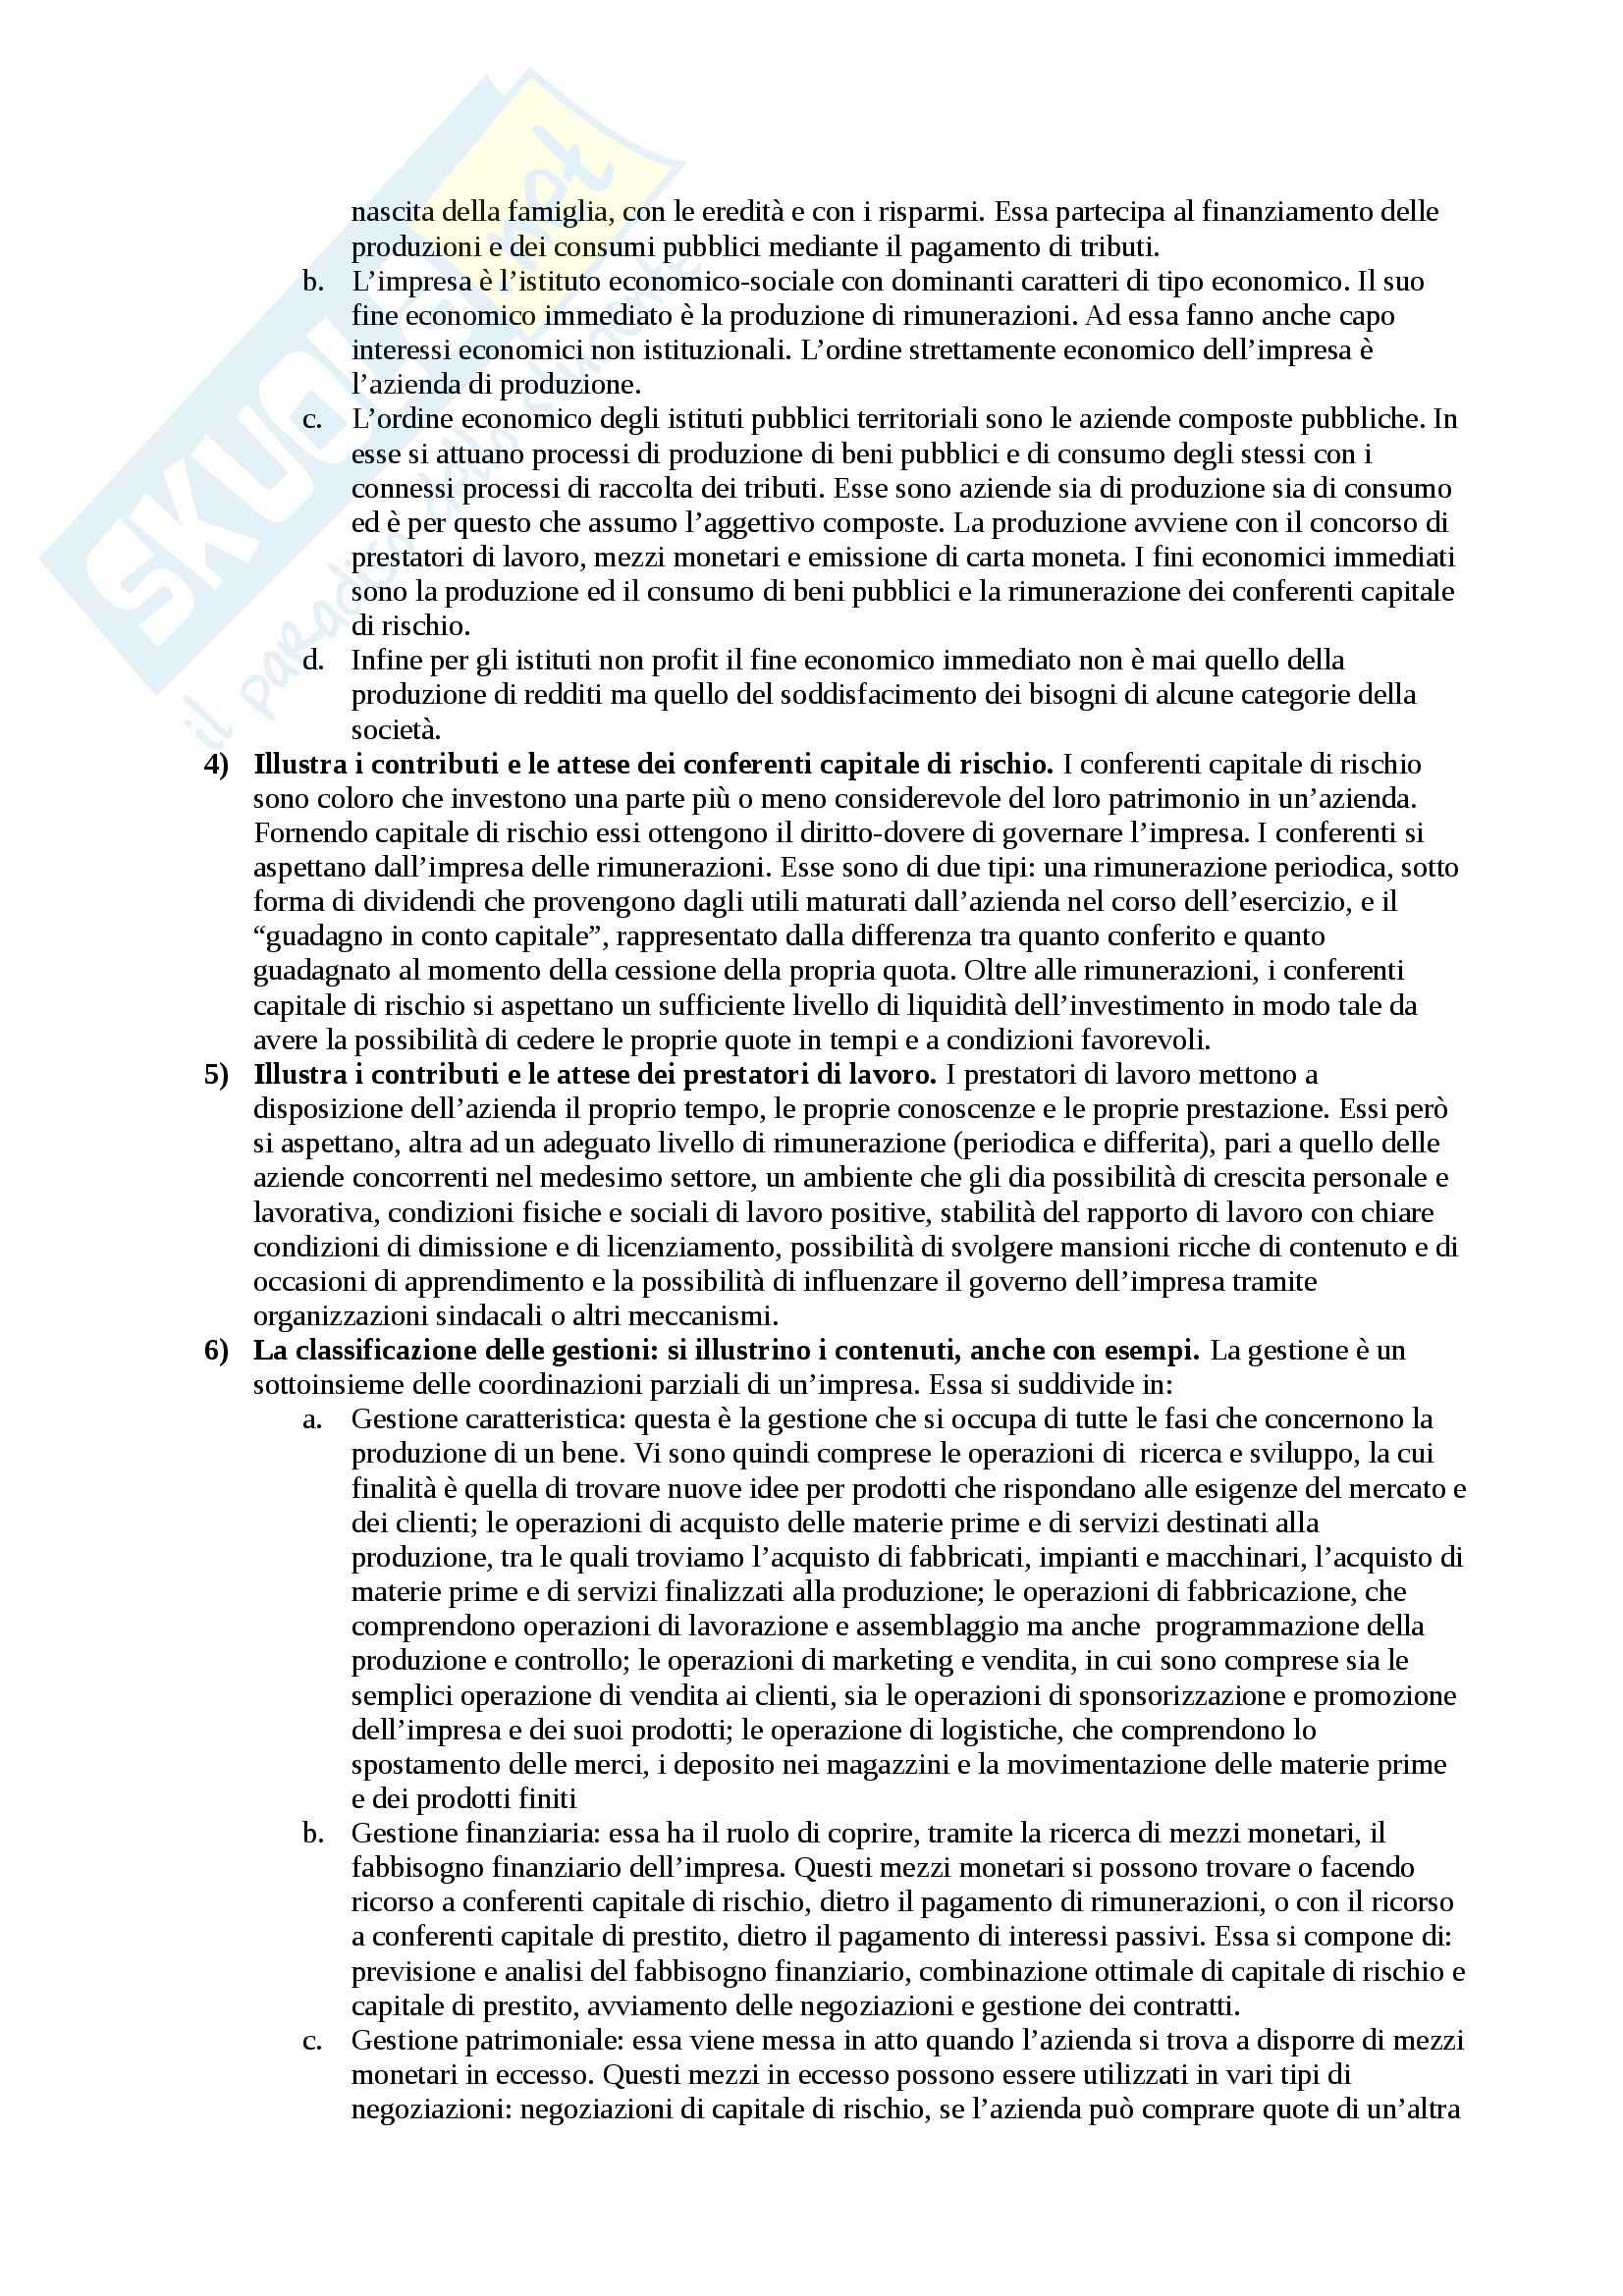 Set di circa 30 domande e risposte per il ripasso di economia aziendale I Pag. 2